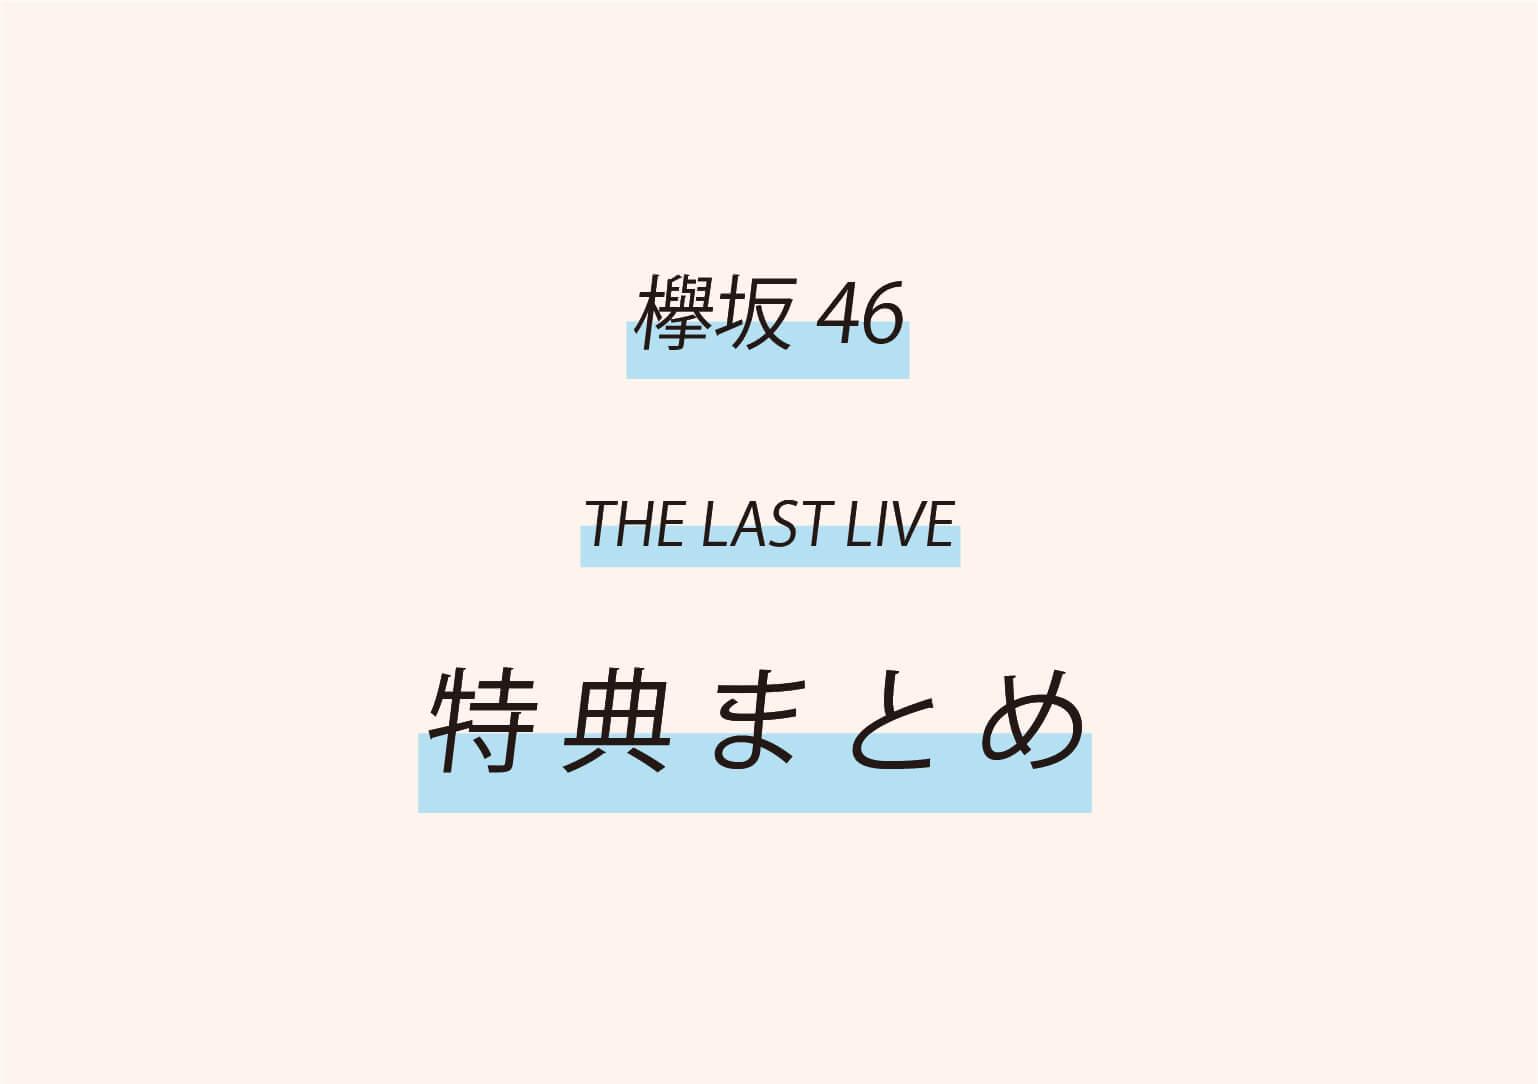 欅坂46ラストライブDVD&Blu-ray特典/収録内容の違いを解説!